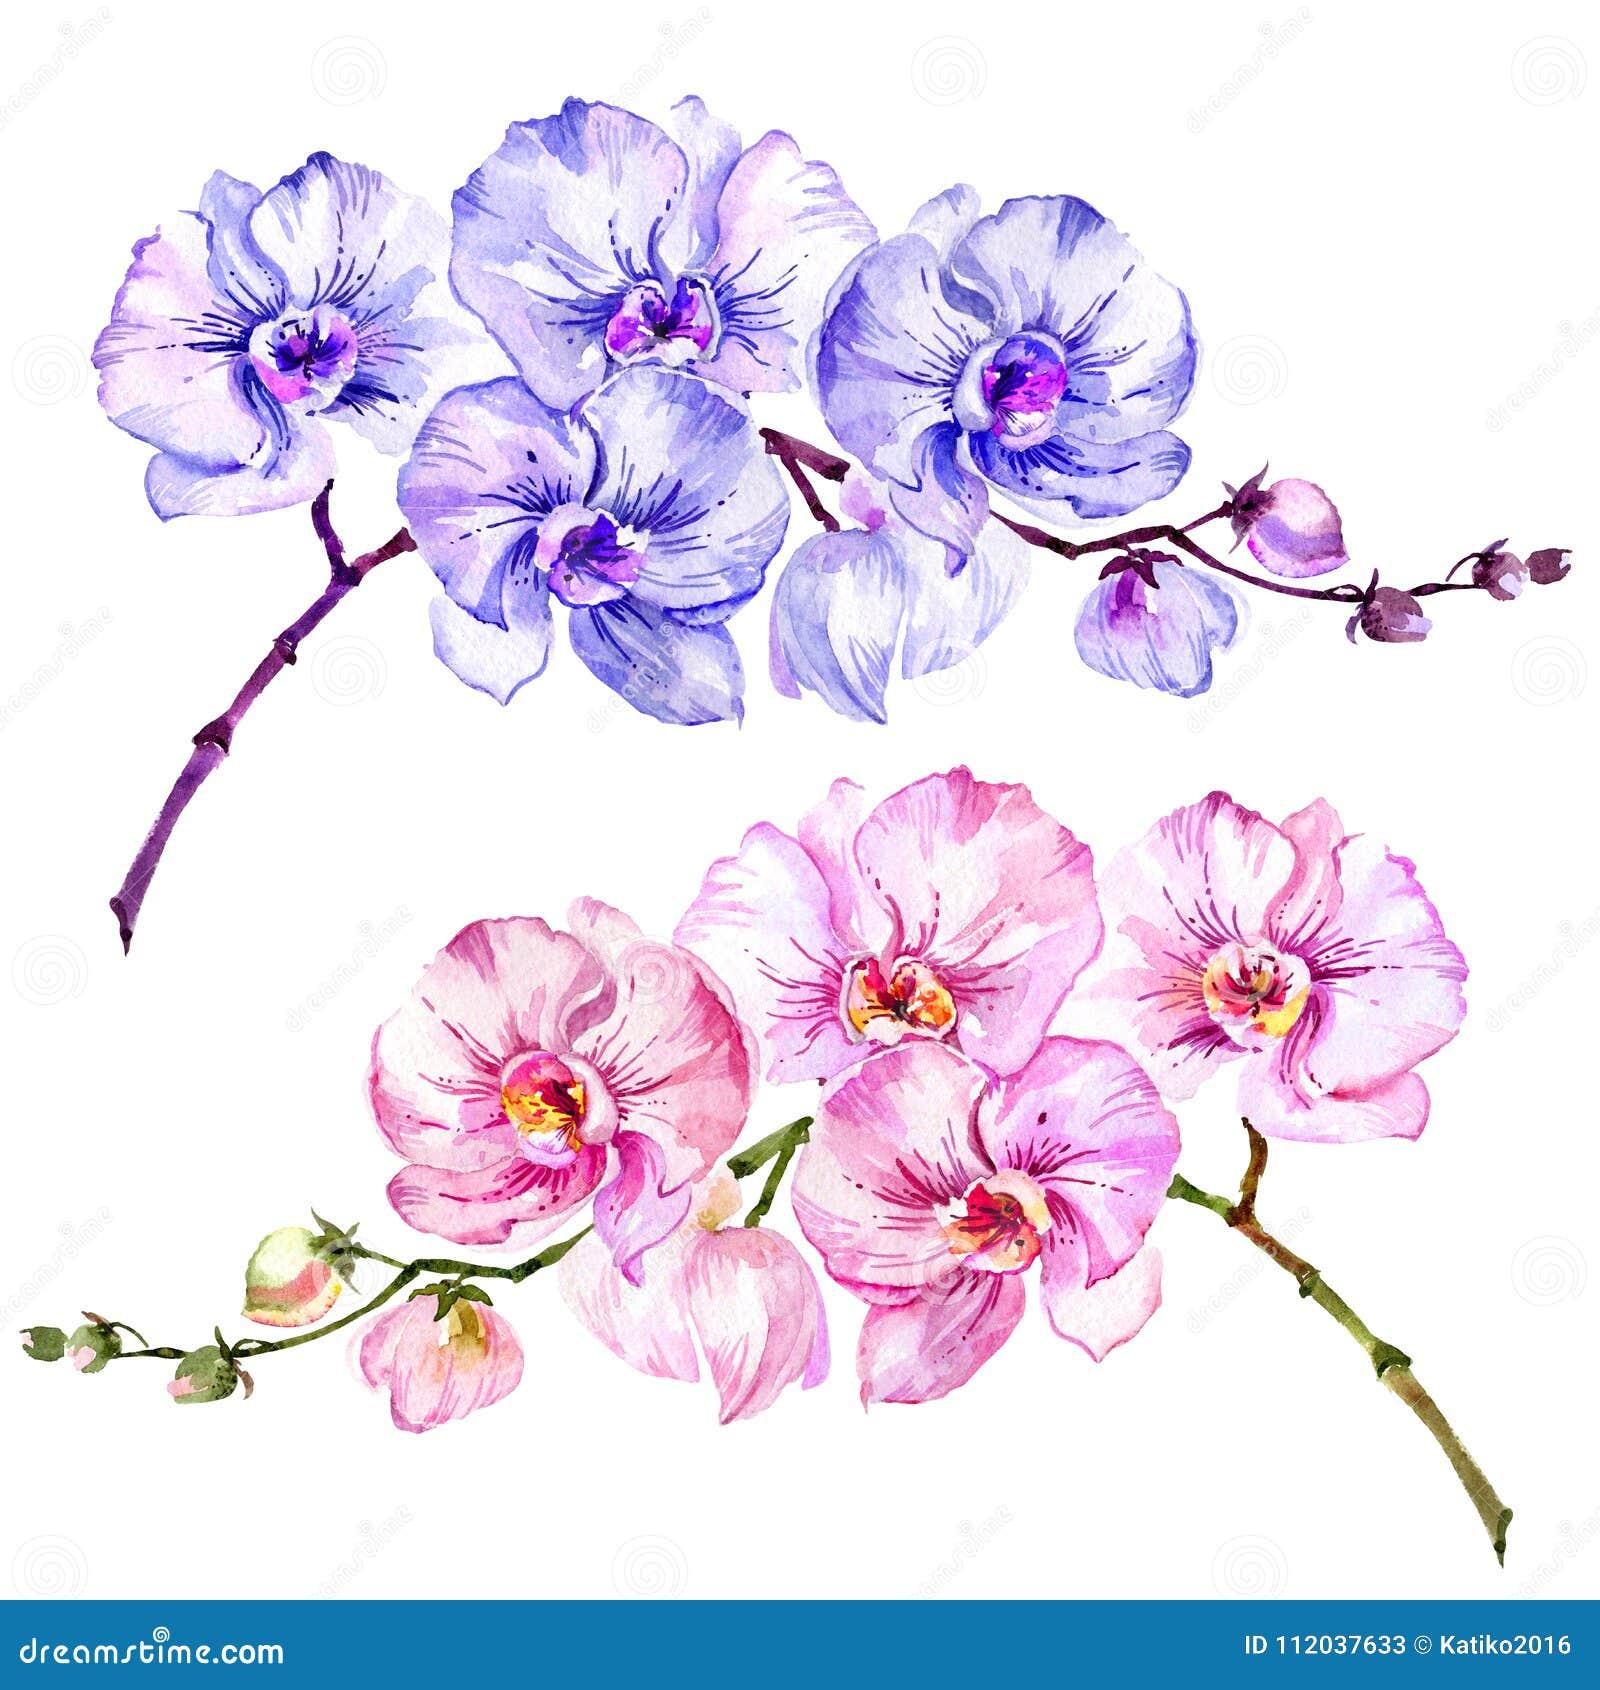 Rosa und blaue Mottenorchidee Phalaenopsisblumen Satz von zwei Bildern Getrennt auf weißem Hintergrund Adobe Photoshop für Korrek